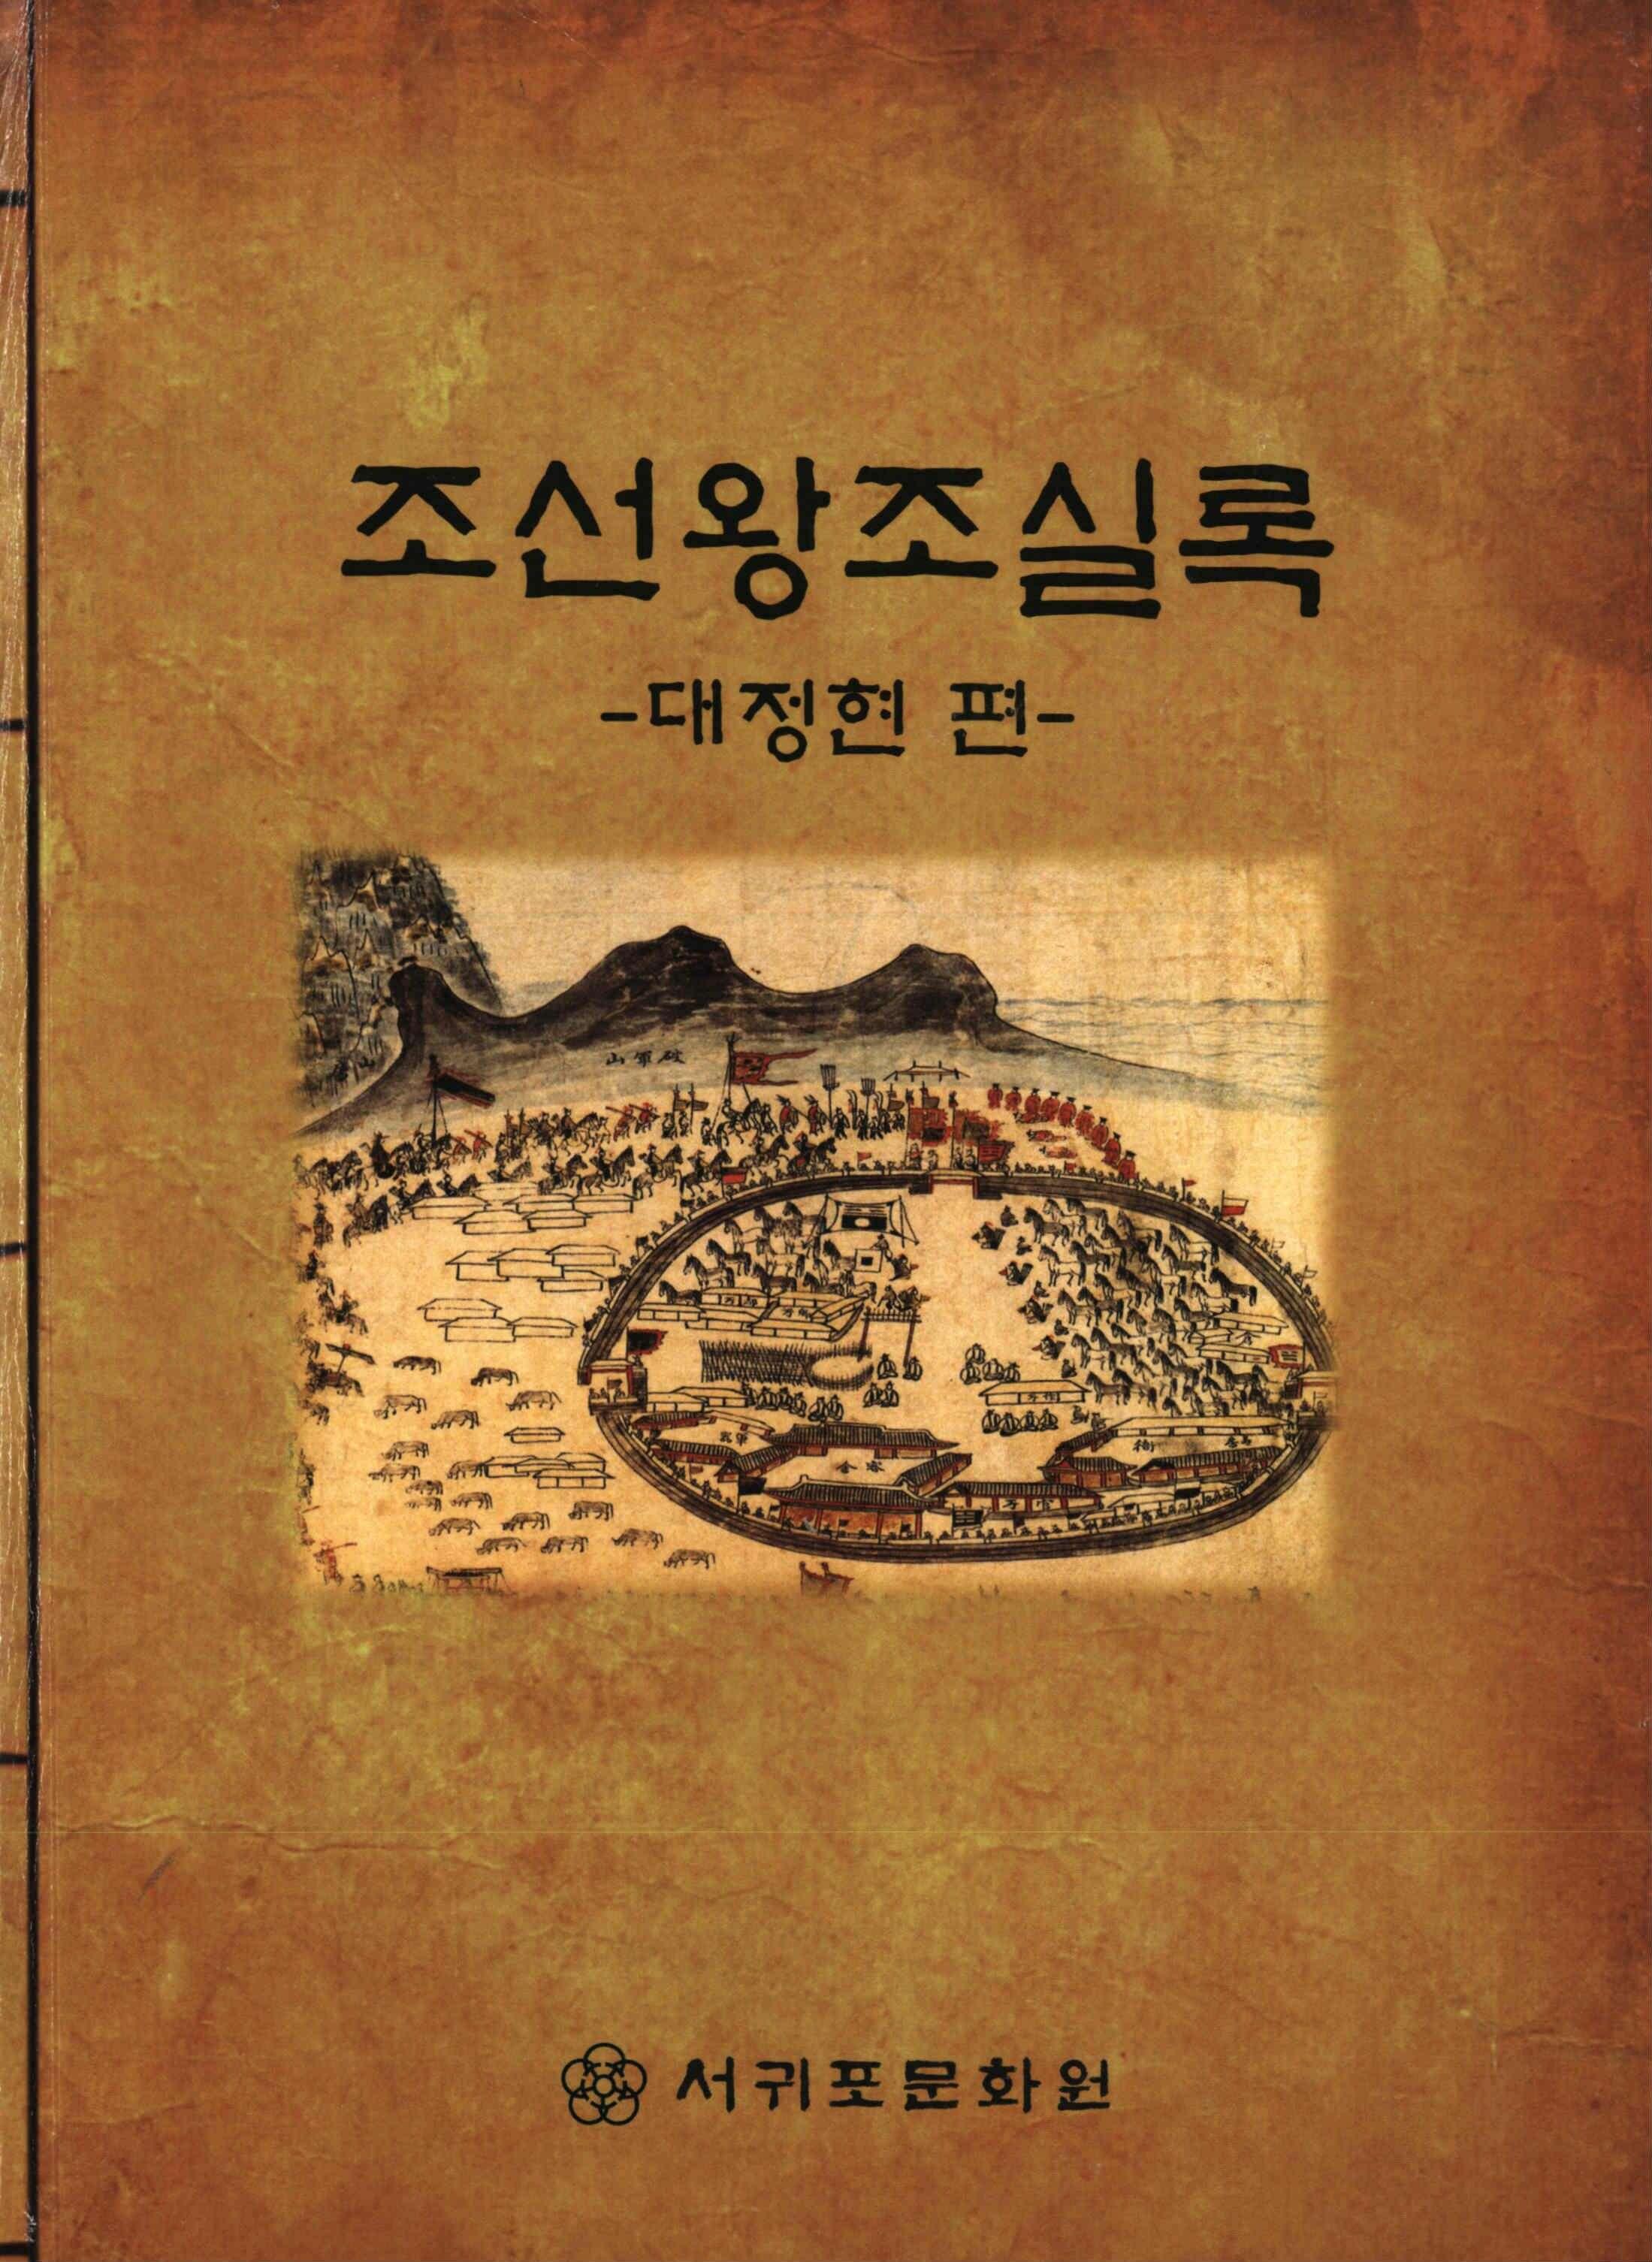 조선왕조실록 -대정현 편-